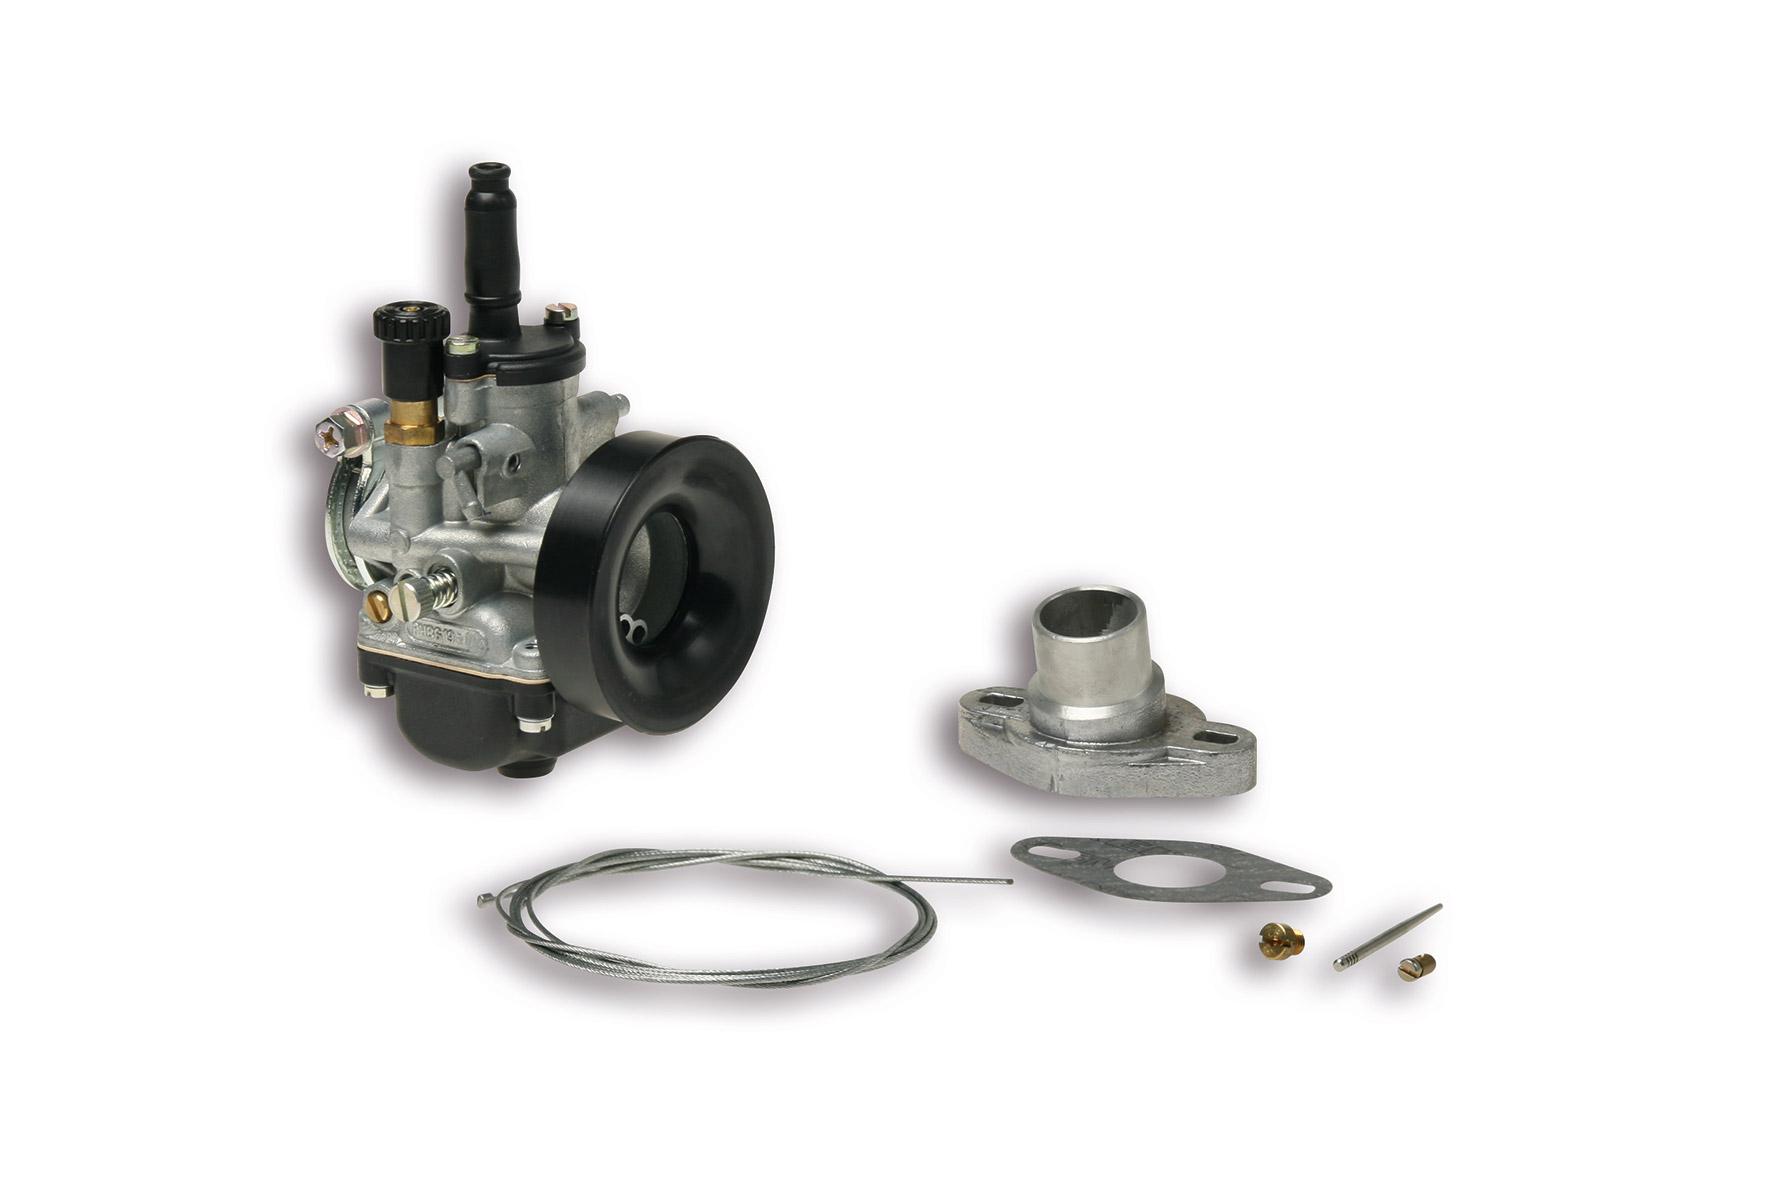 Impianto alimentazione PHBG 19,5 per Malaguti Fifty - Fifty Top - MDX LC 50 cc